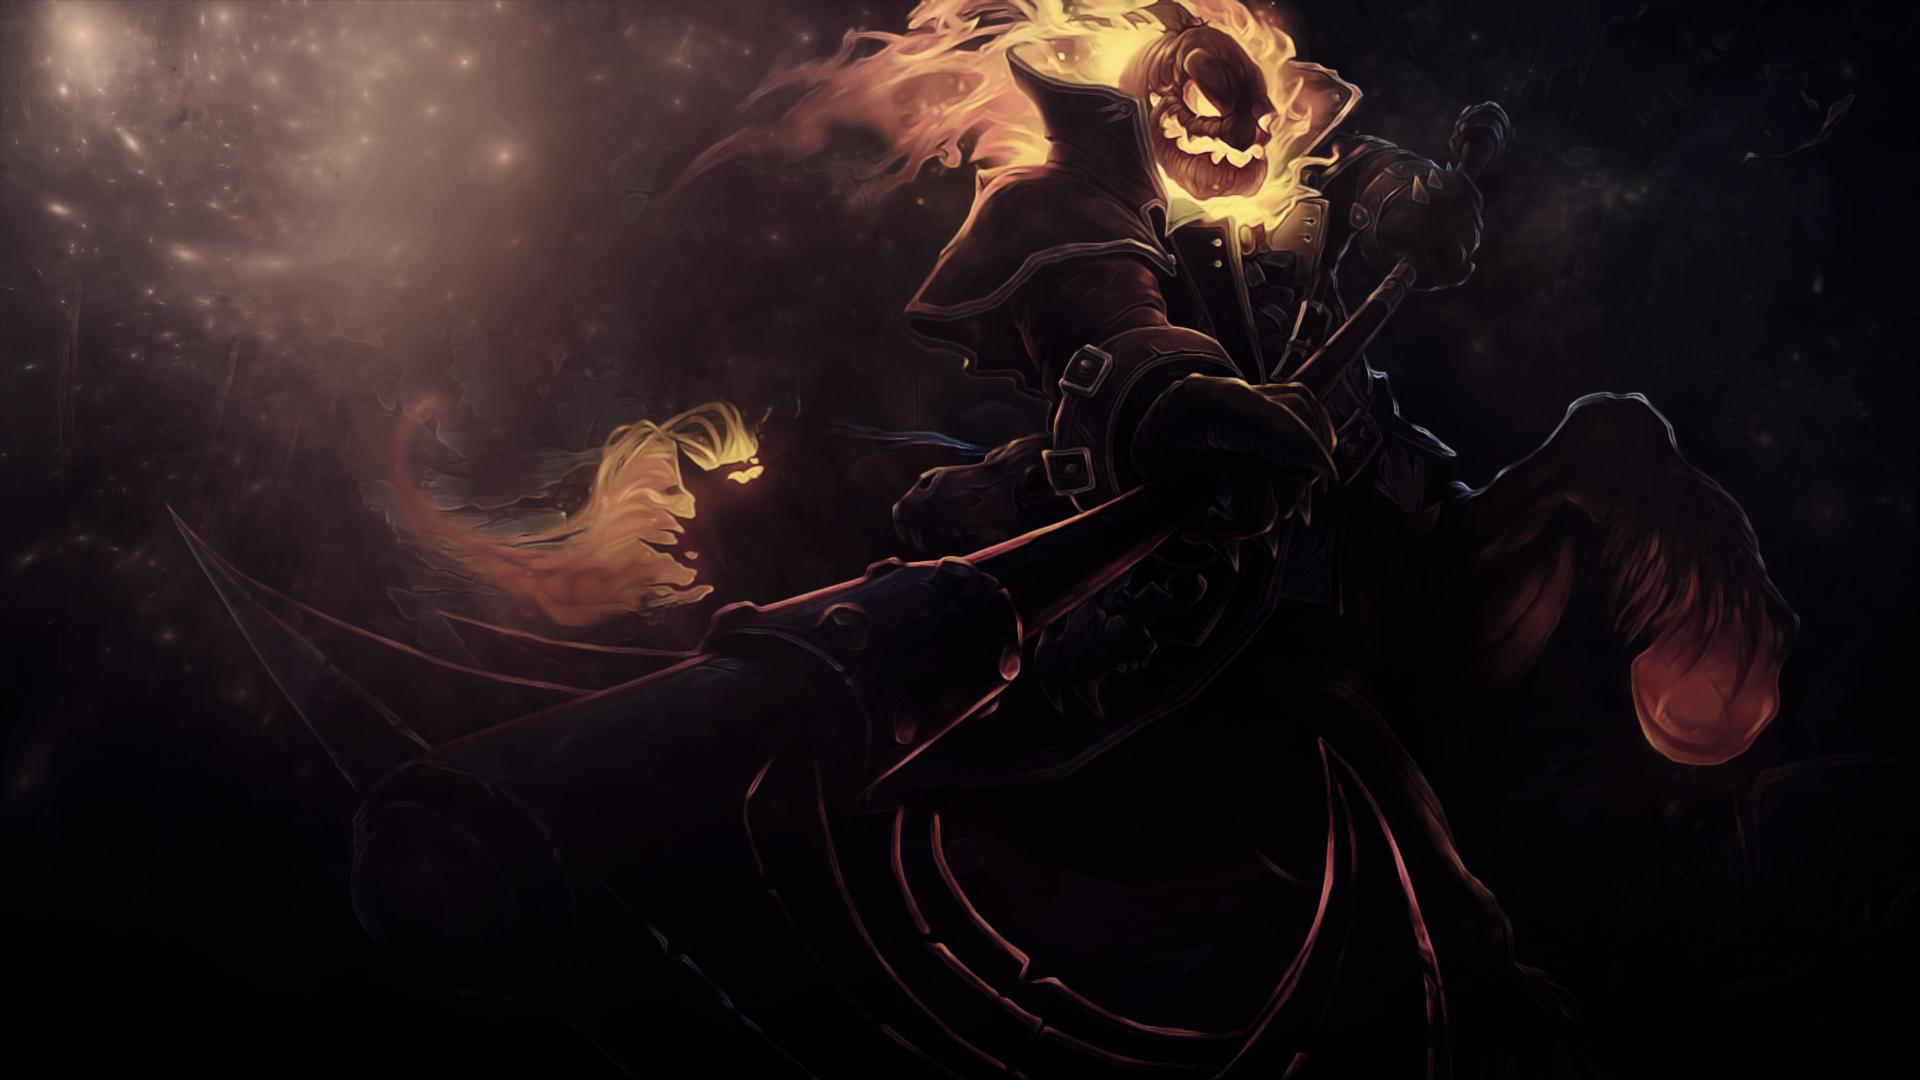 Monsters Scythe Fantasy halloween dark wallpaper ...